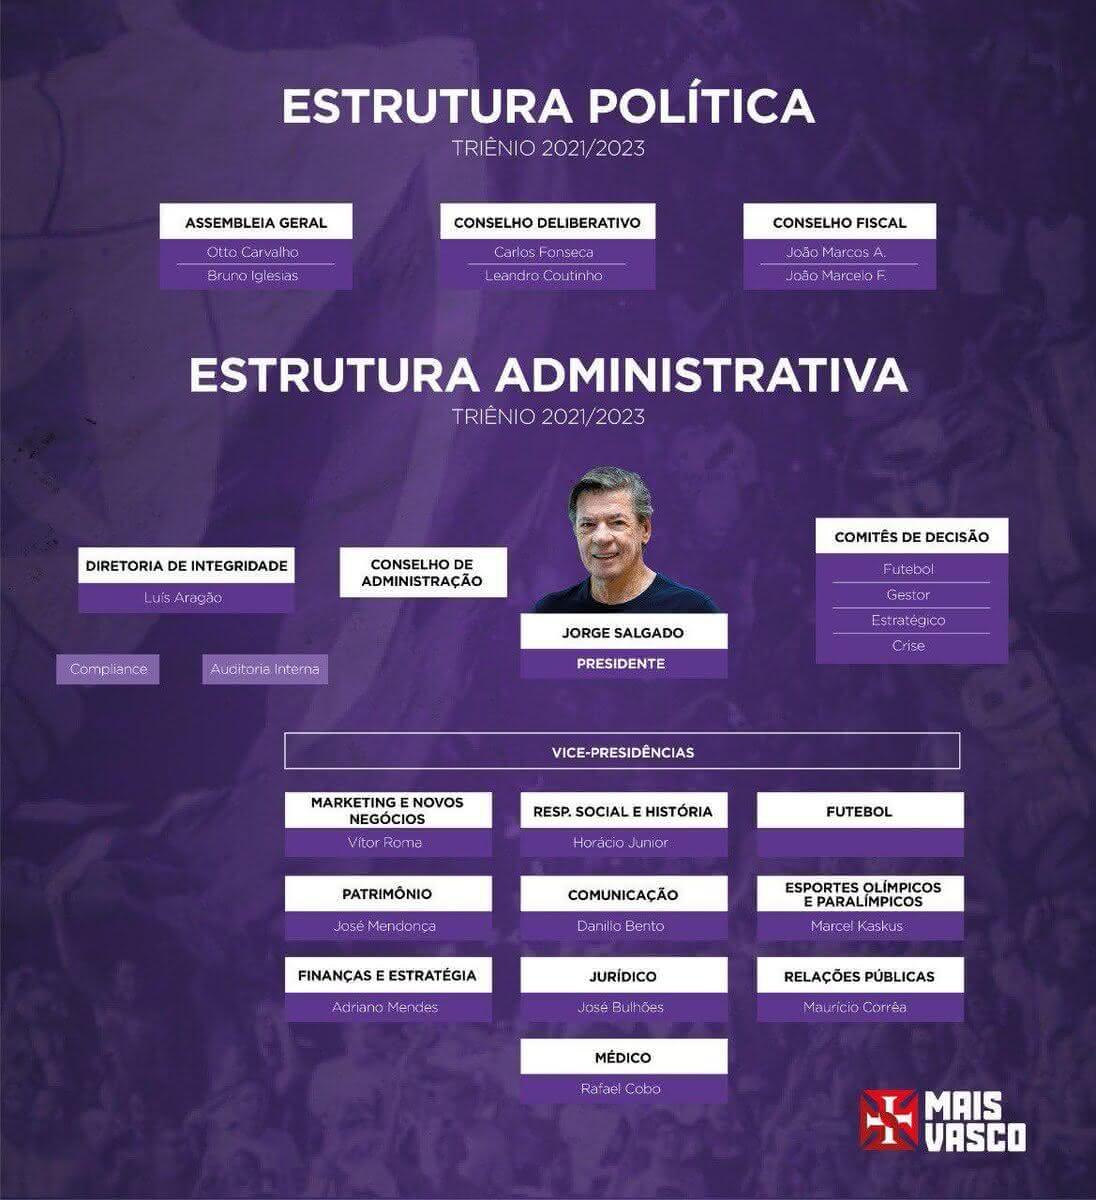 Estrutura política da gestão de Jorge Salgado à frente do Vasco